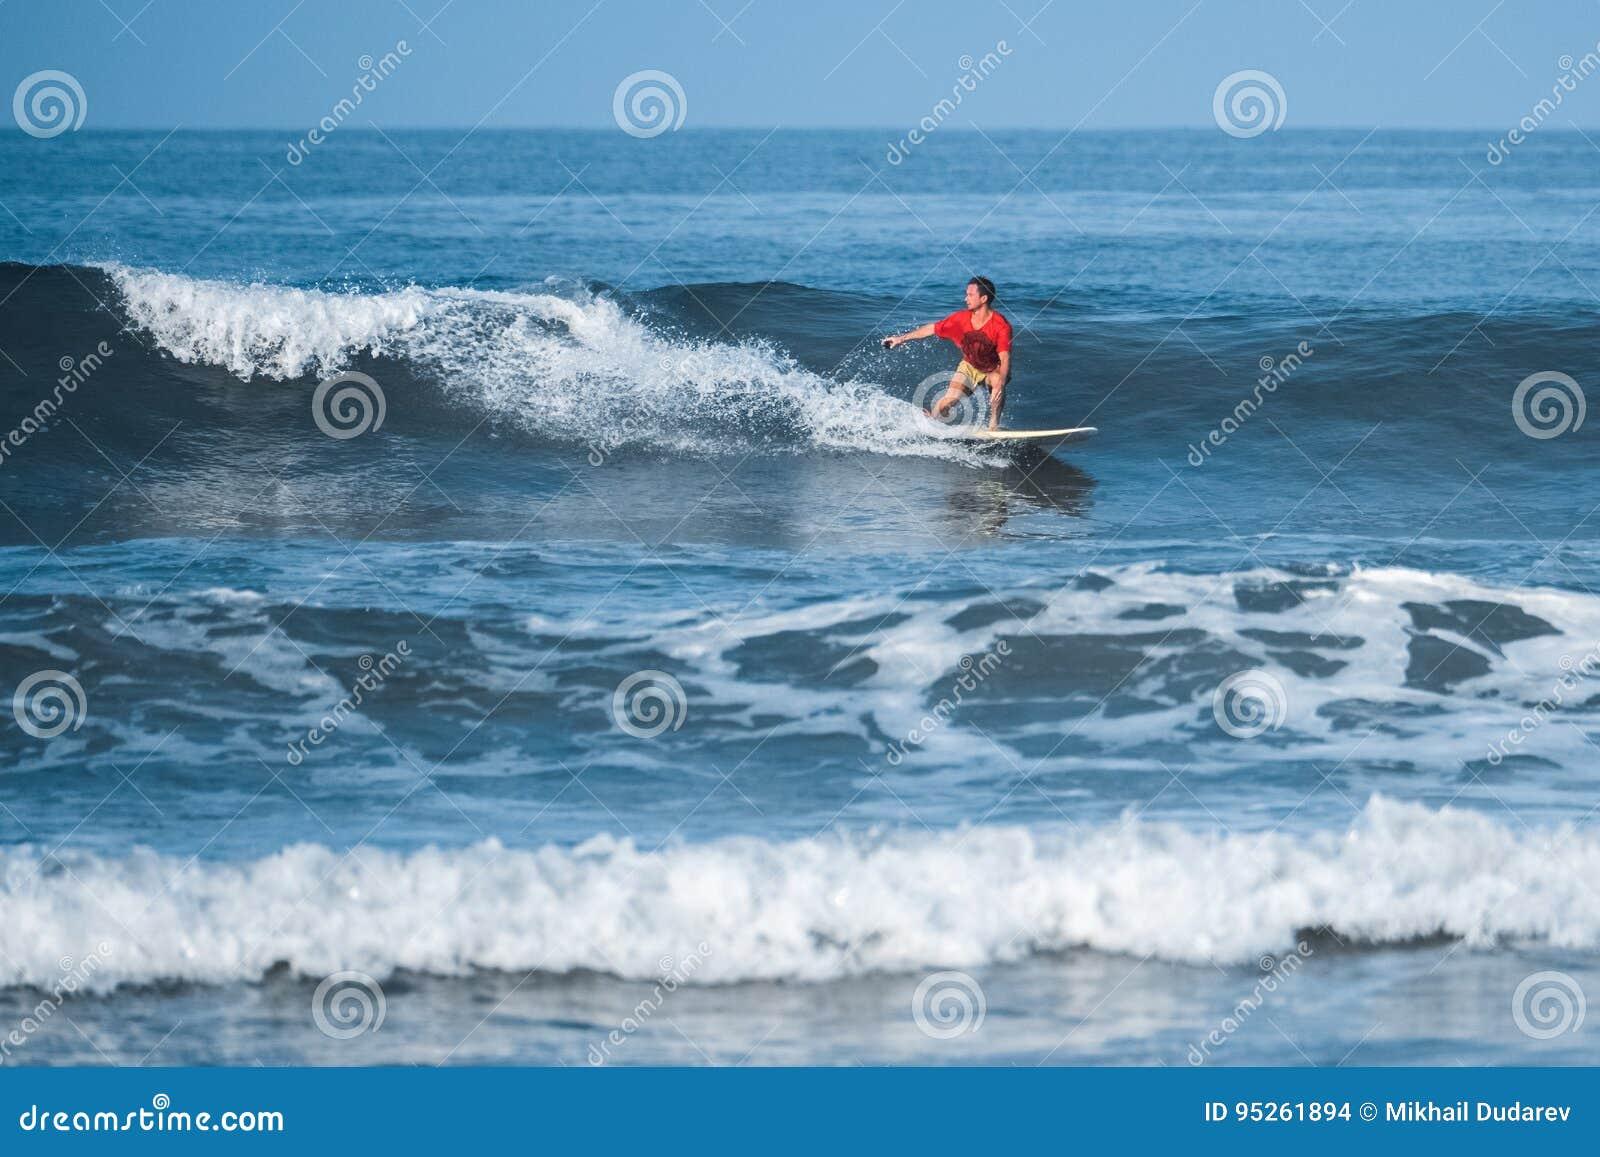 Amateur surfer rides the wave